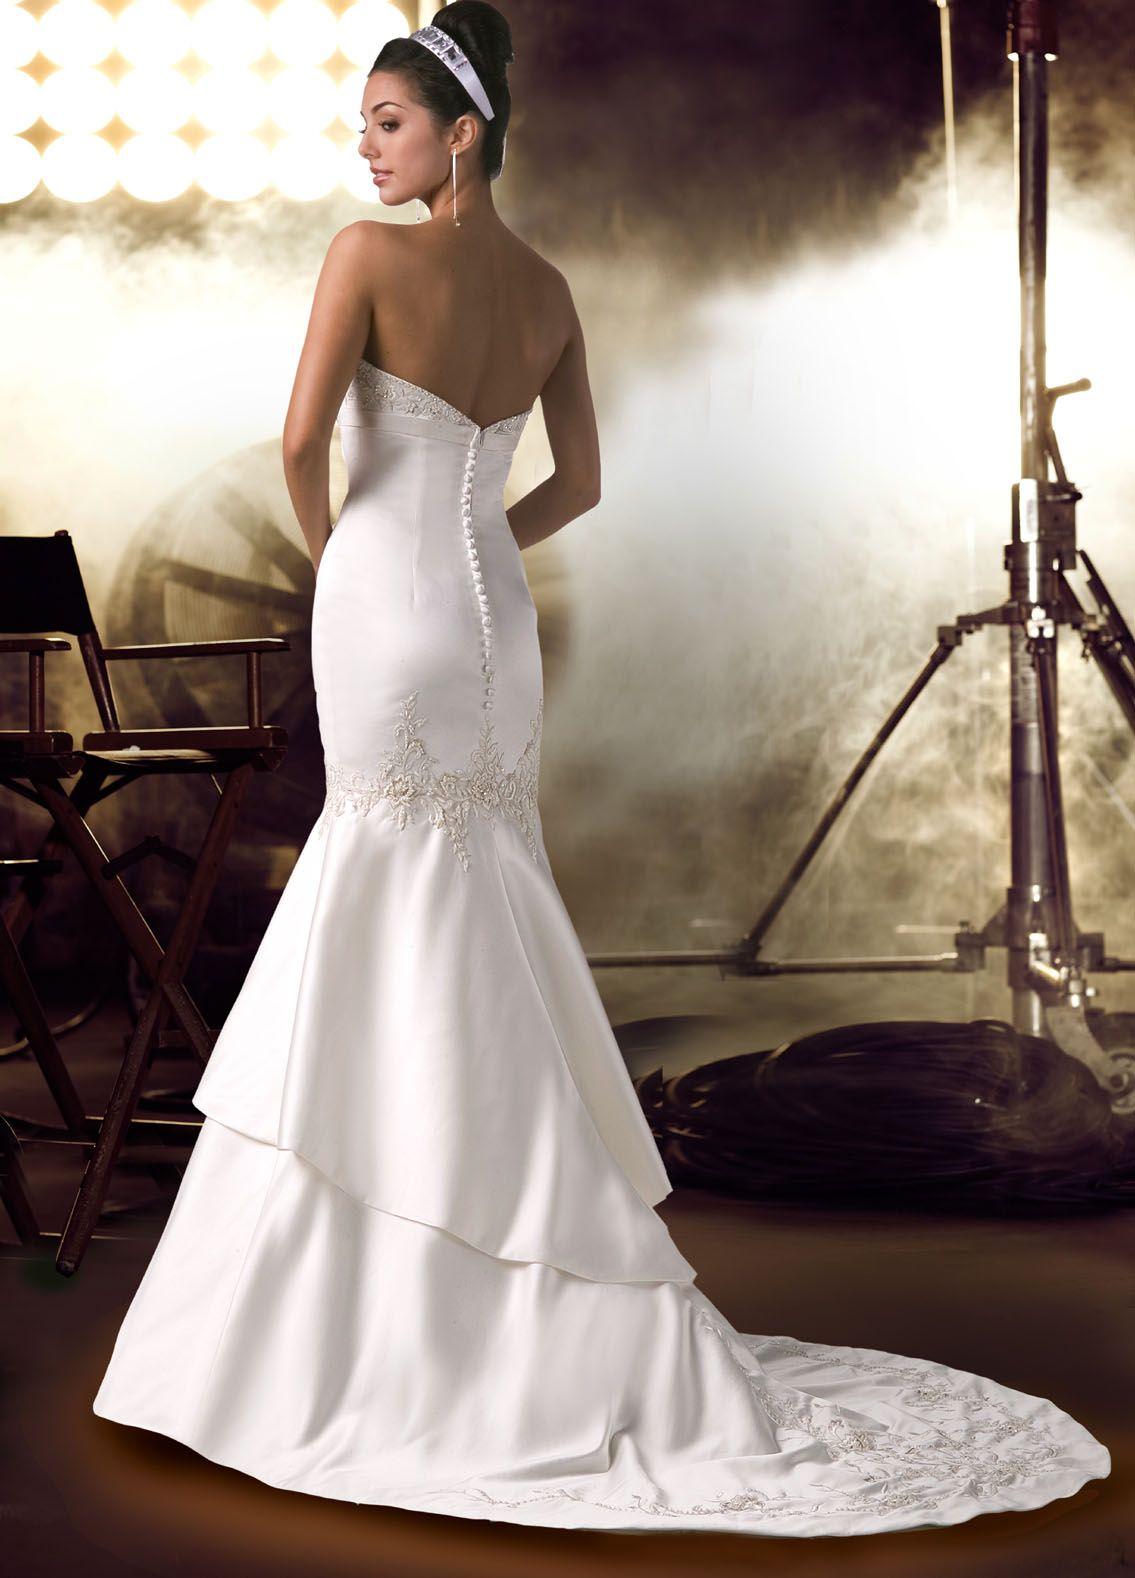 Creative wedding photos unique wedding dress should represent creative wedding photos unique wedding dress should represent your needs of becoming unique ombrellifo Gallery